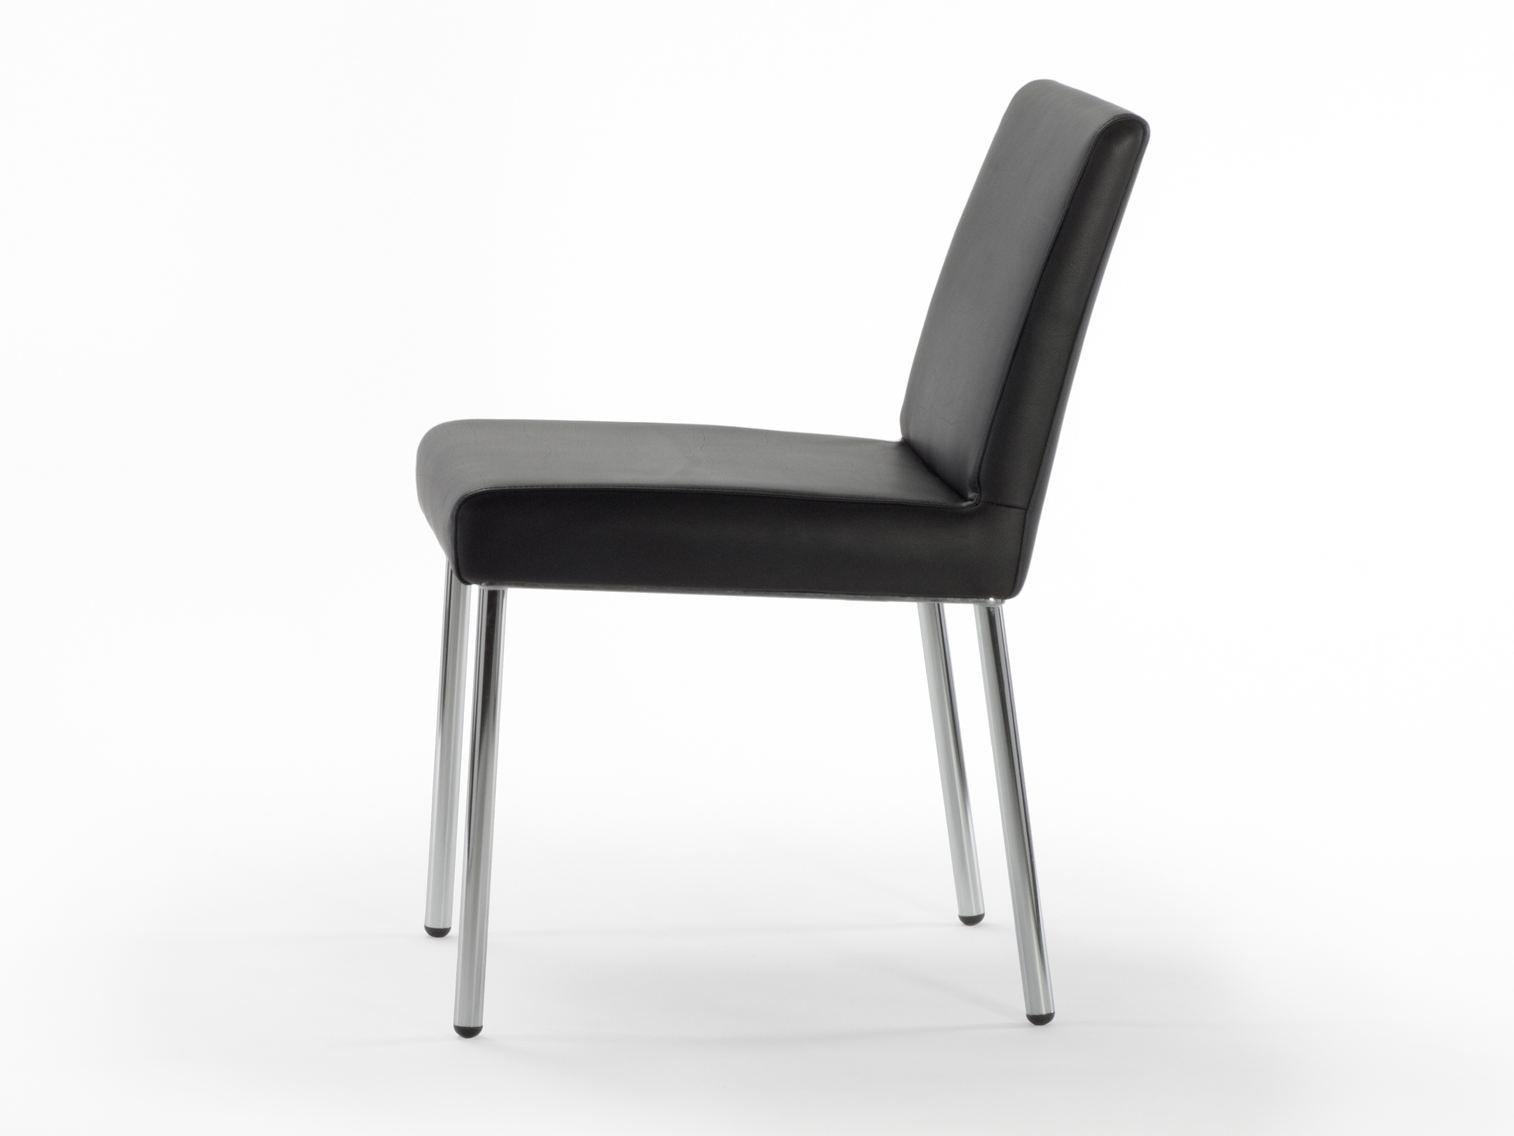 Ben chaise by rossin design lepper schmidt sommerlade designer for Chaise schmidt